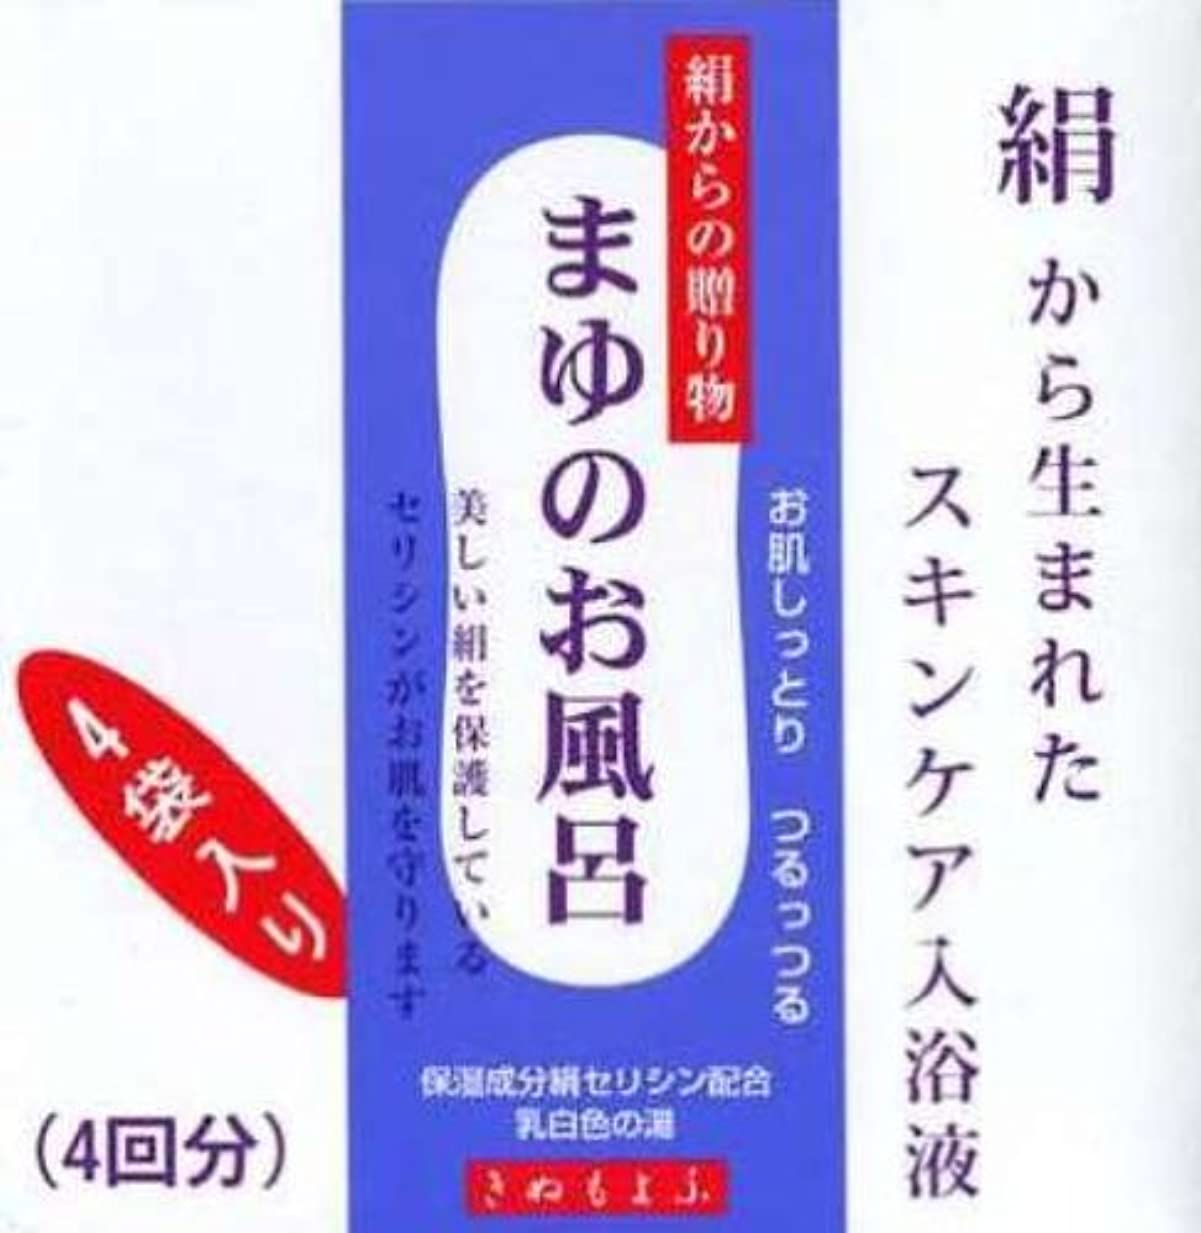 オープニング昼食レモンまゆシリーズ きぬもよふ まゆのお風呂 25ml(1回分×4袋)